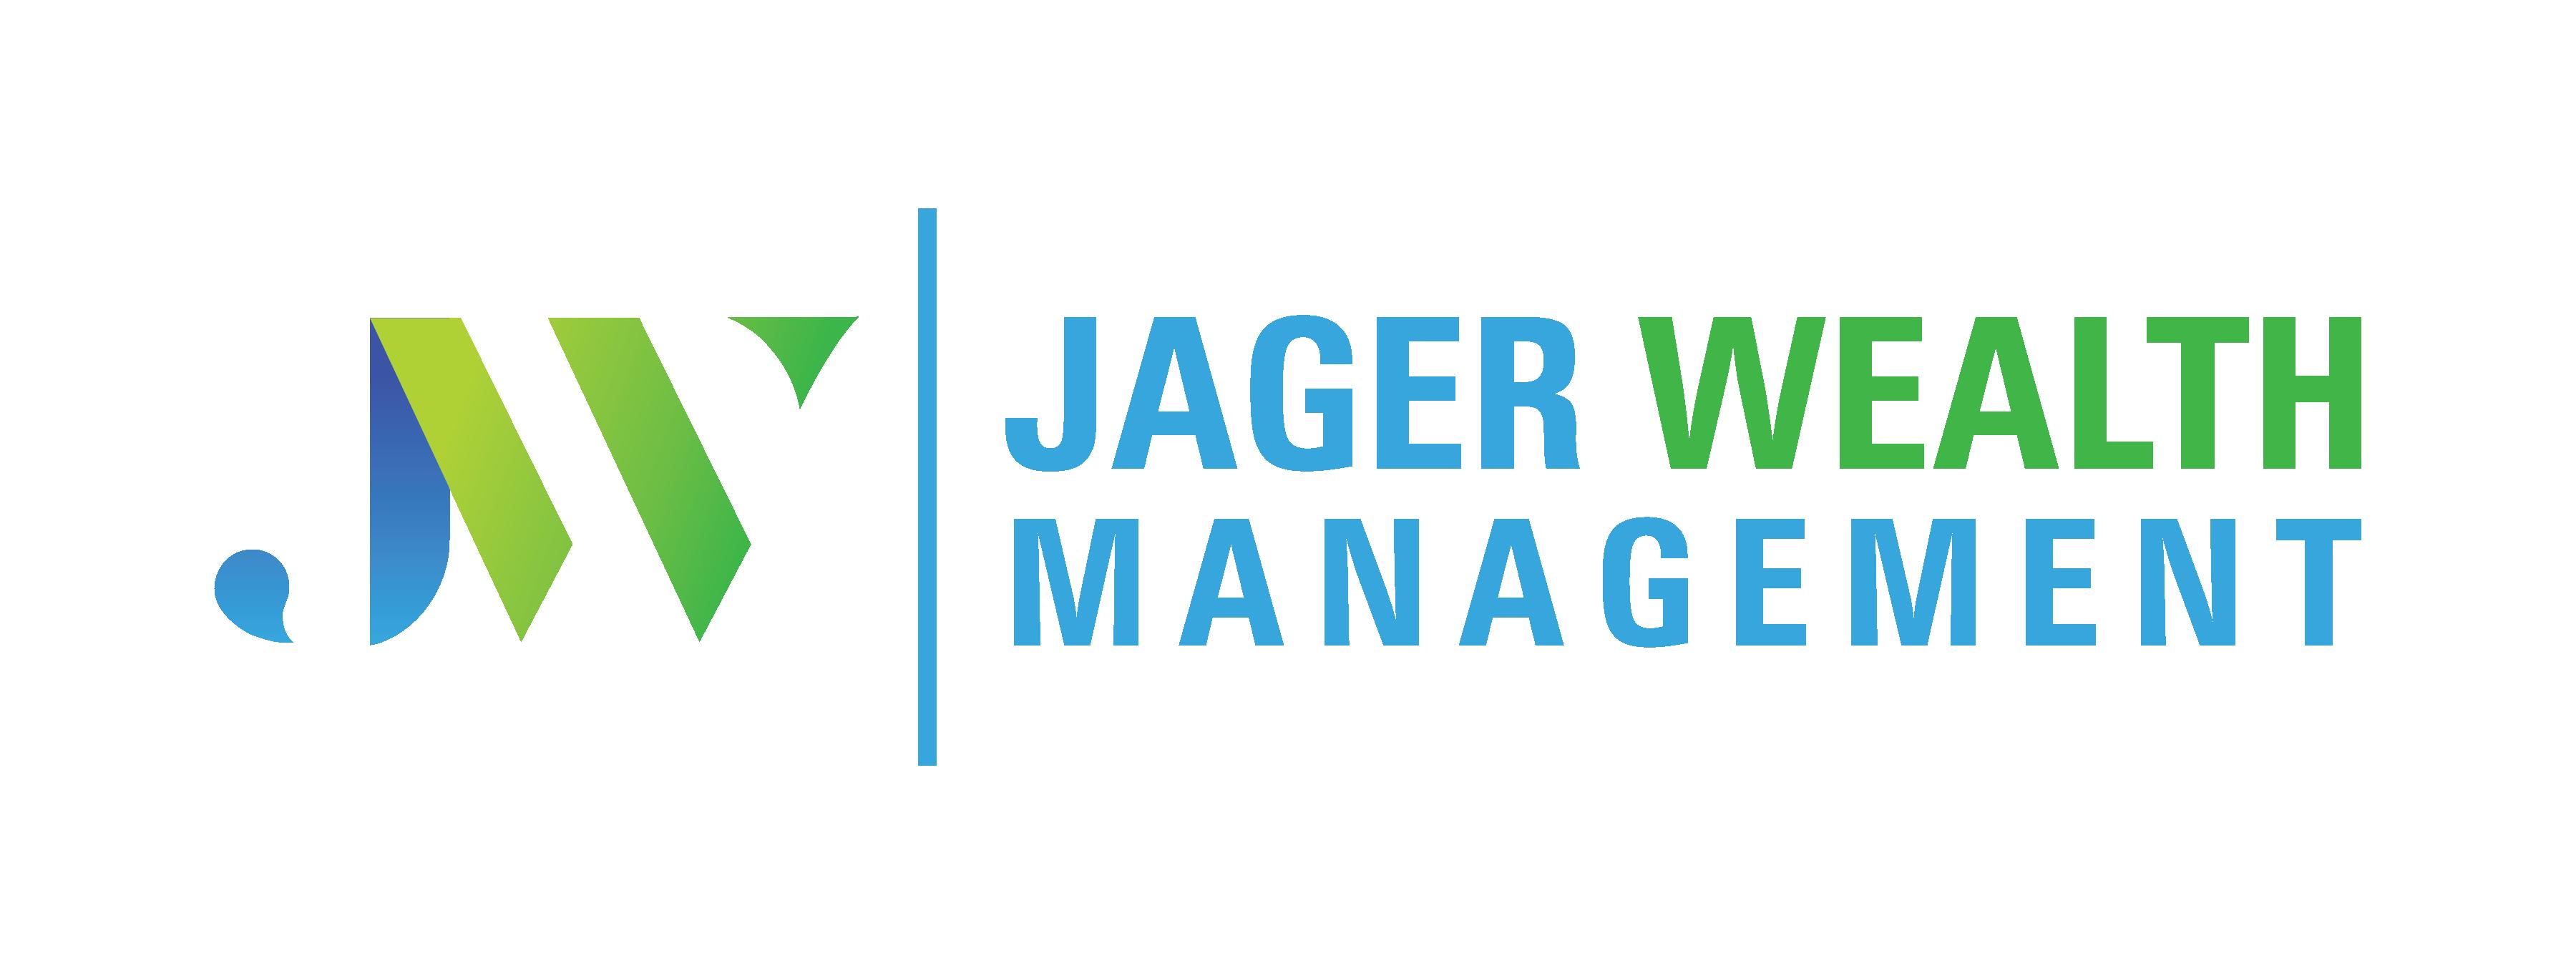 Jager Wealth Management